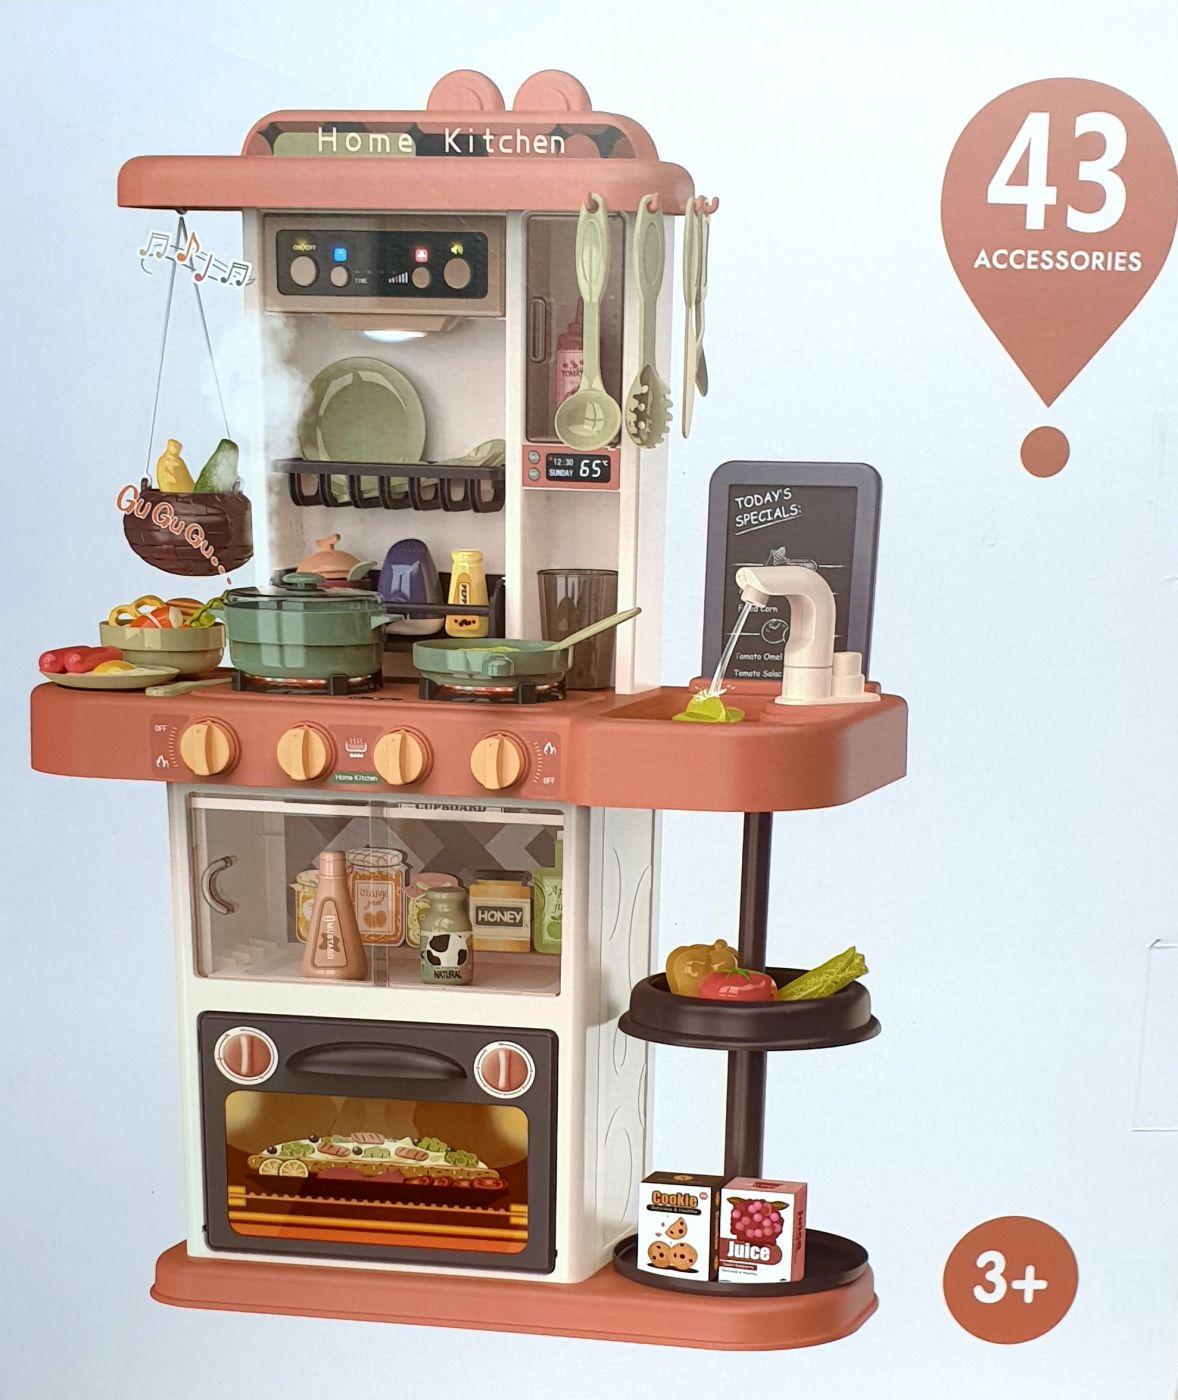 889-184 Детская кухня с паром и водичкой 72 см. 43 аксессуара Латунь